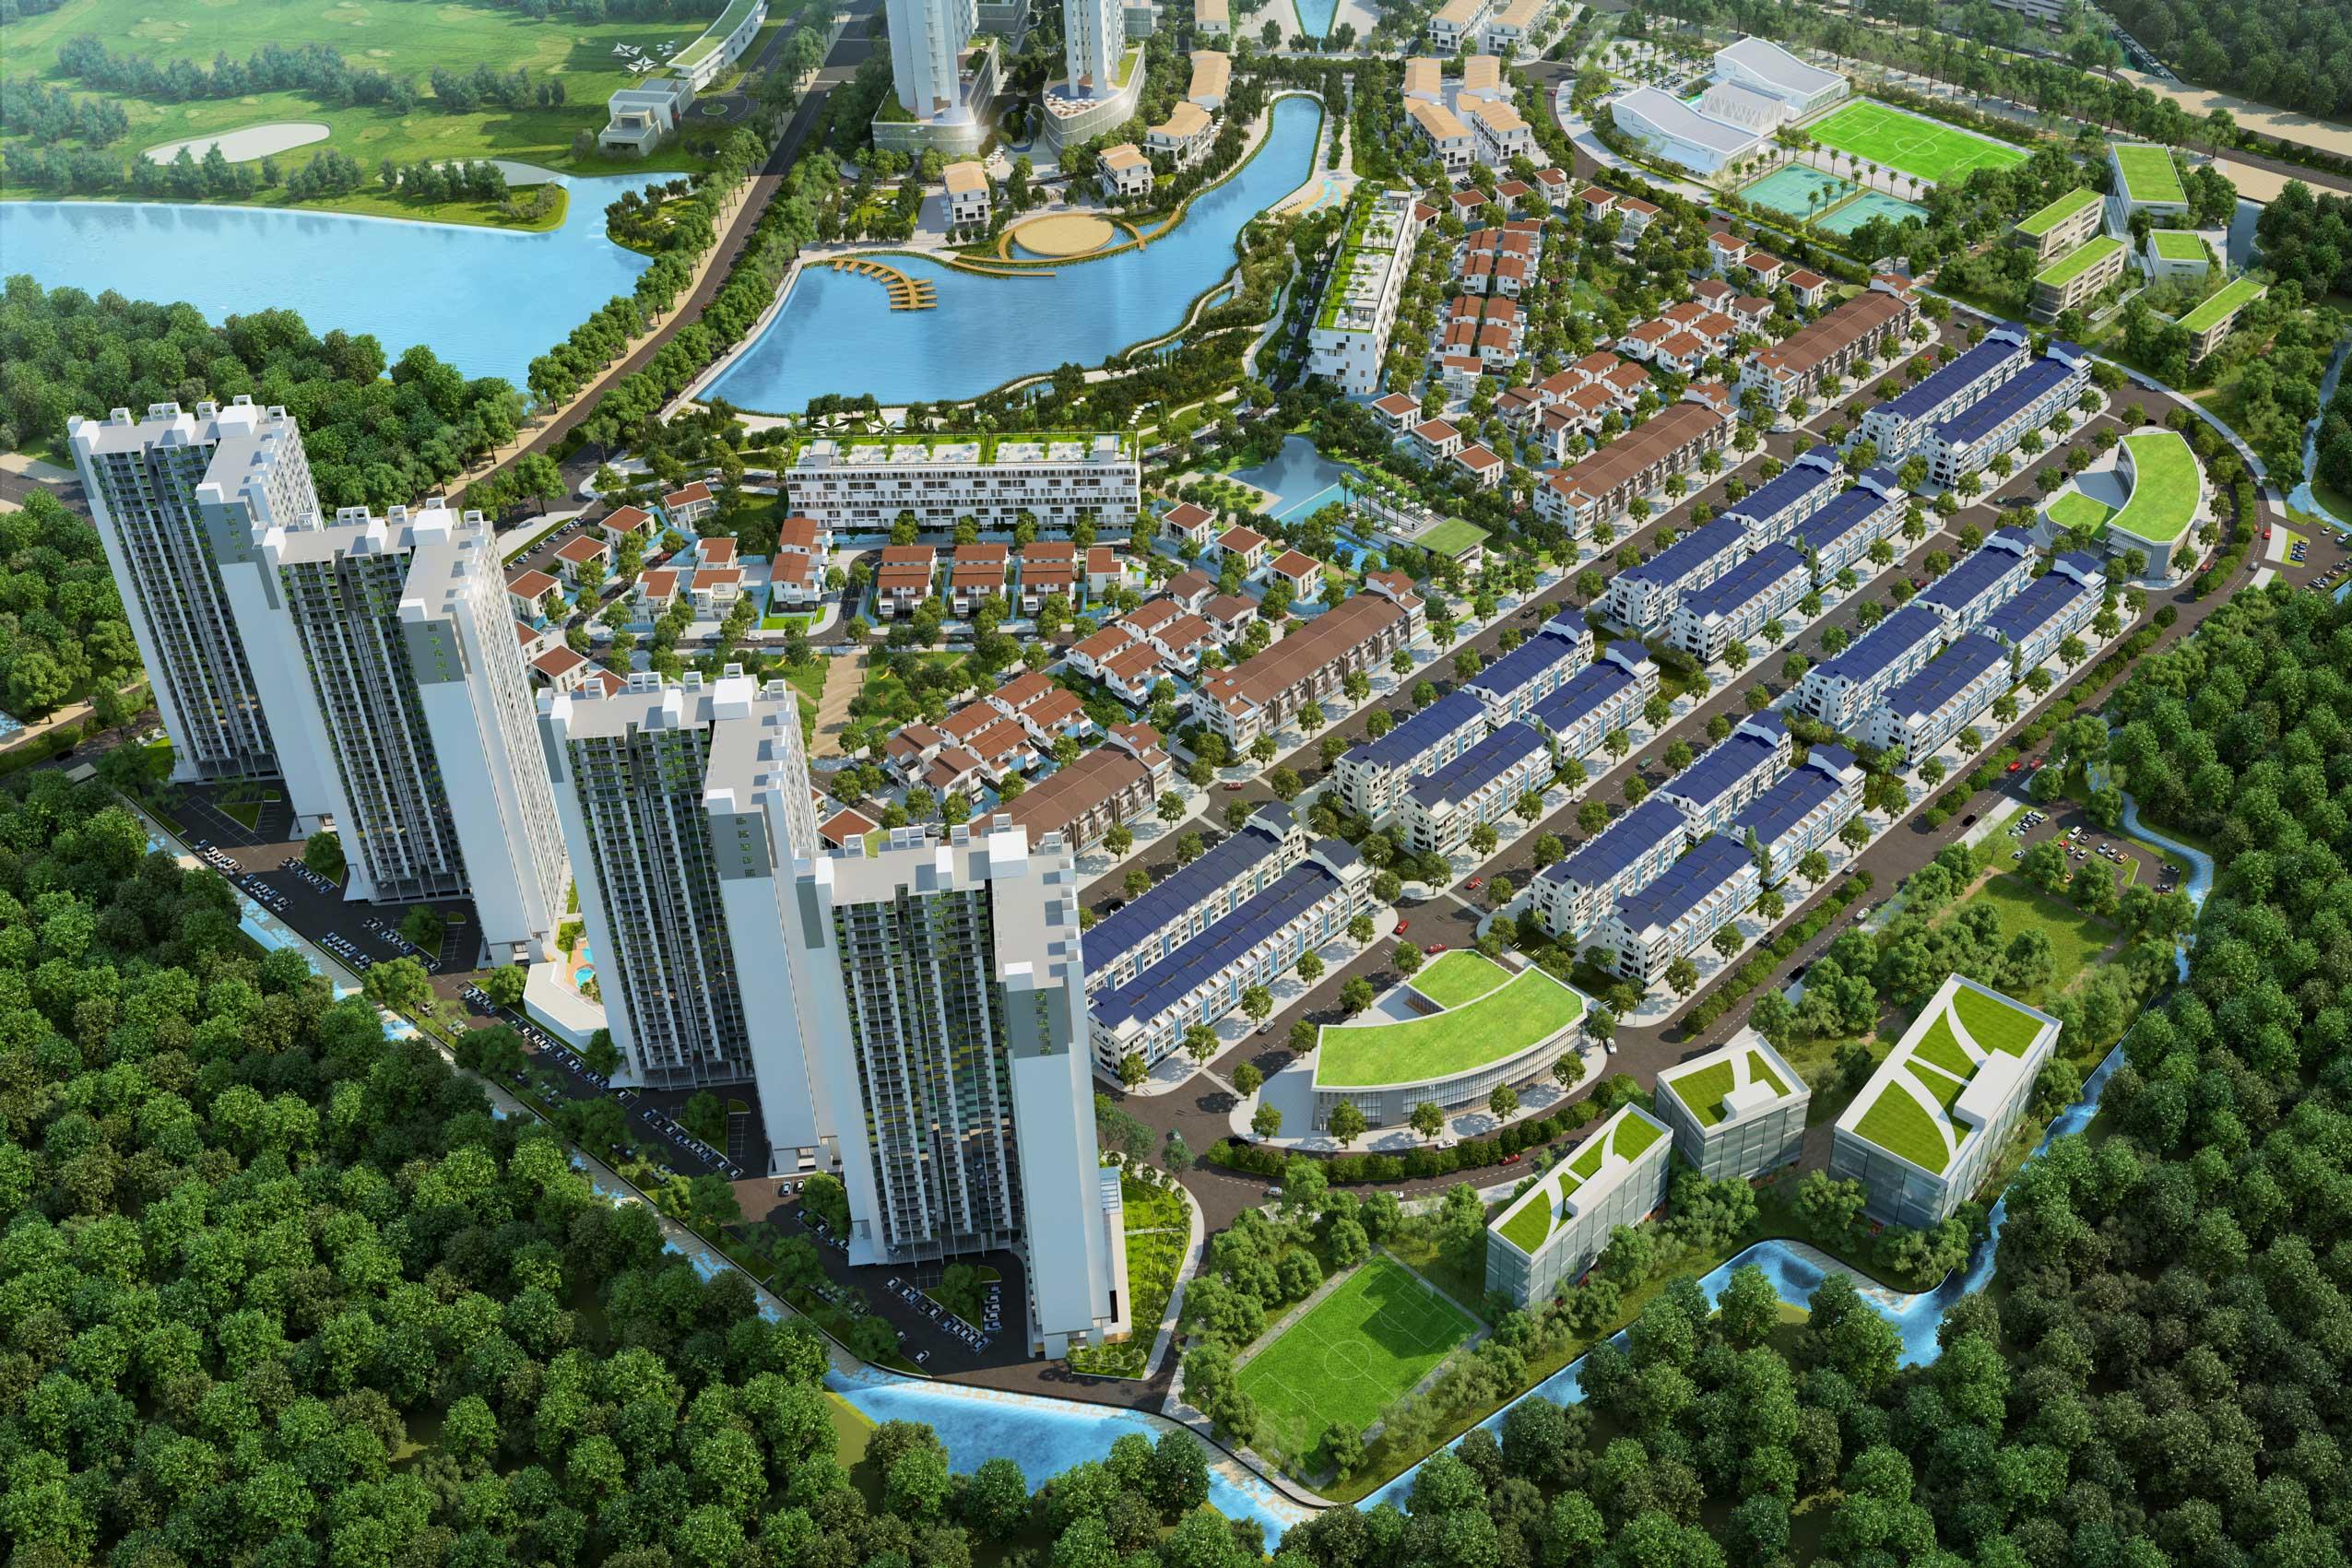 eco park cu chi 02 - DỰ ÁN ĐẤT NỀN KHU ĐÔ THỊ ECO PARK CỦ CHI